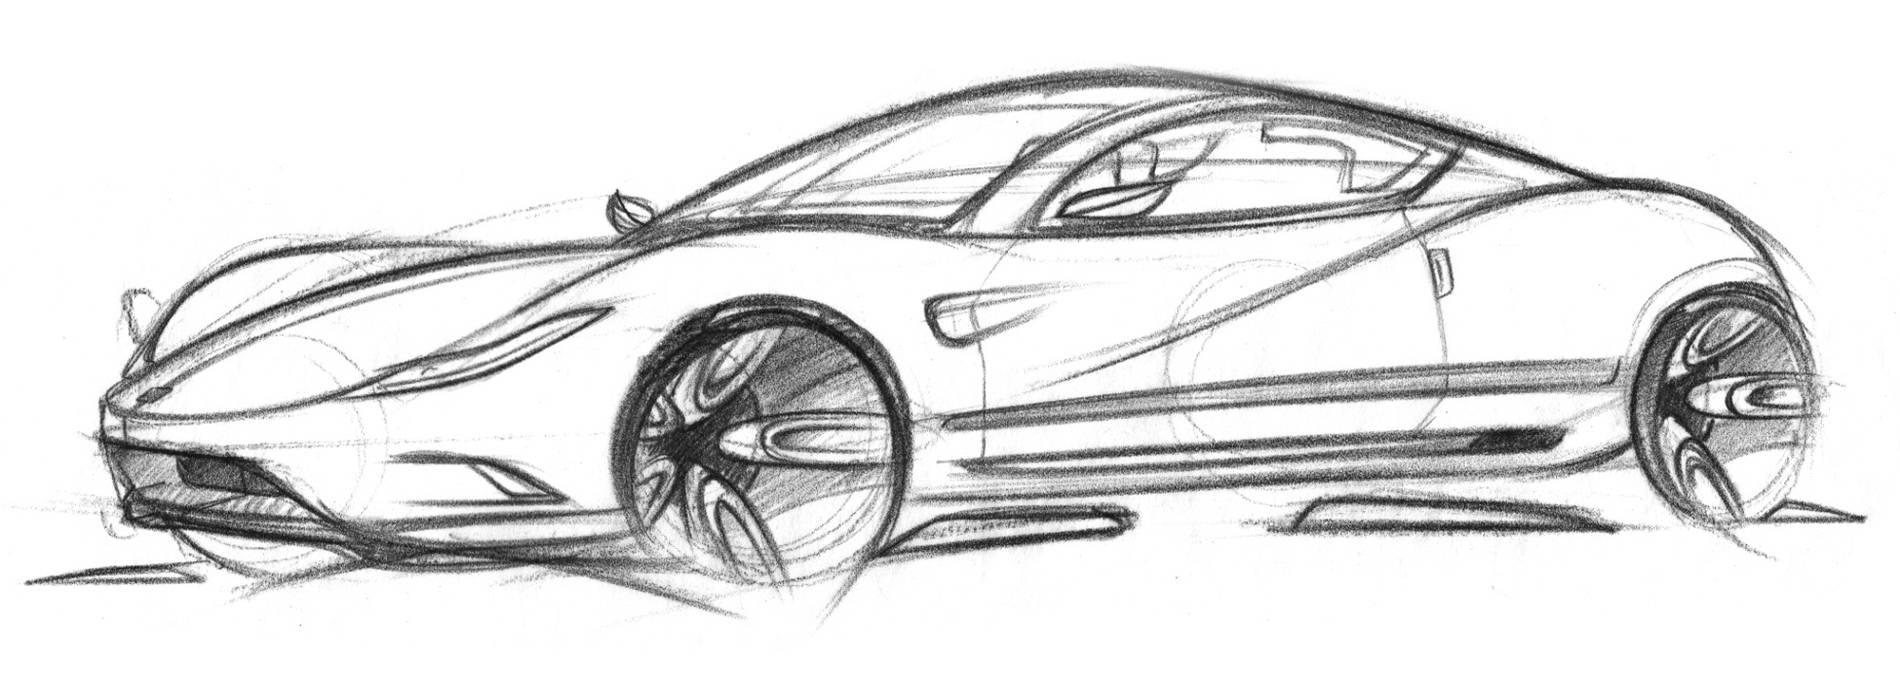 Car 21 Ferrari 1125 Sketch